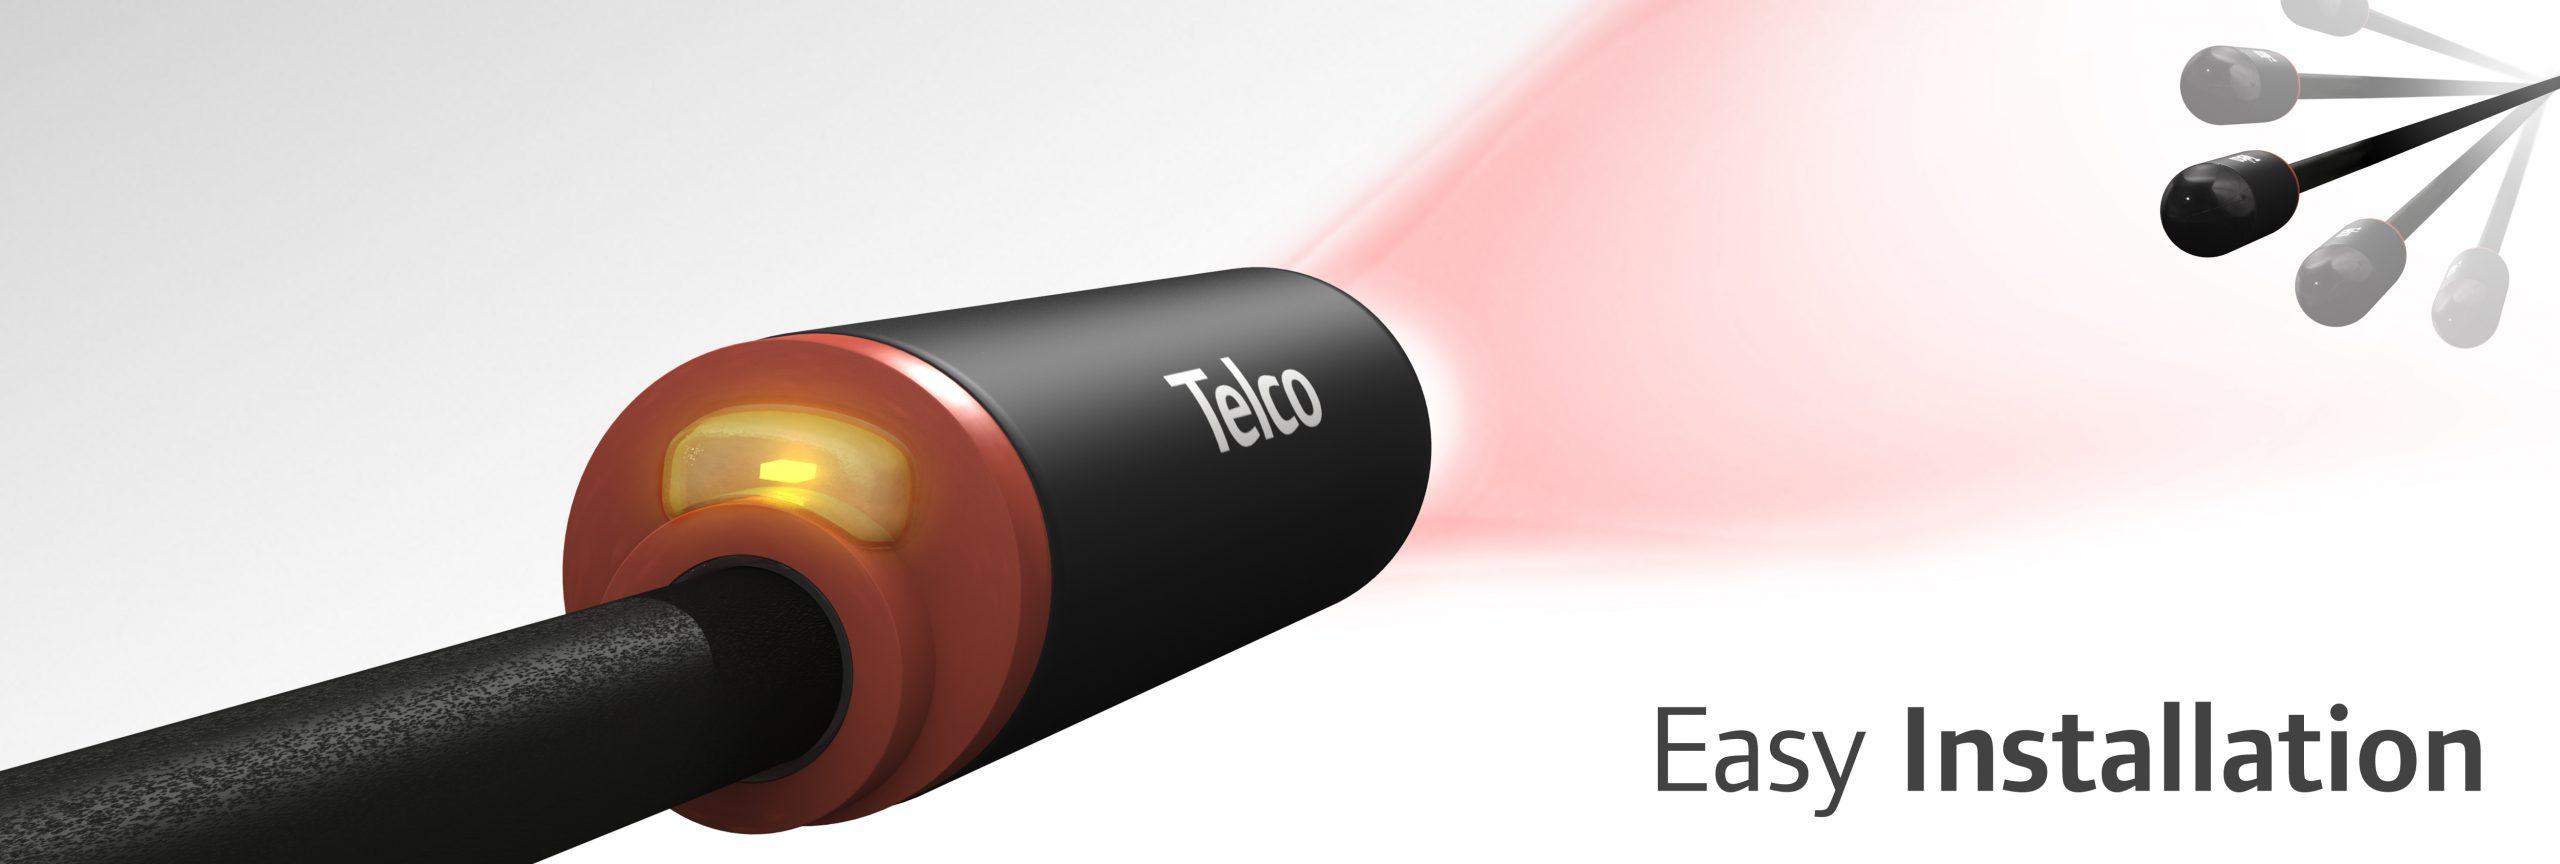 Telco Sensors helppo asennus